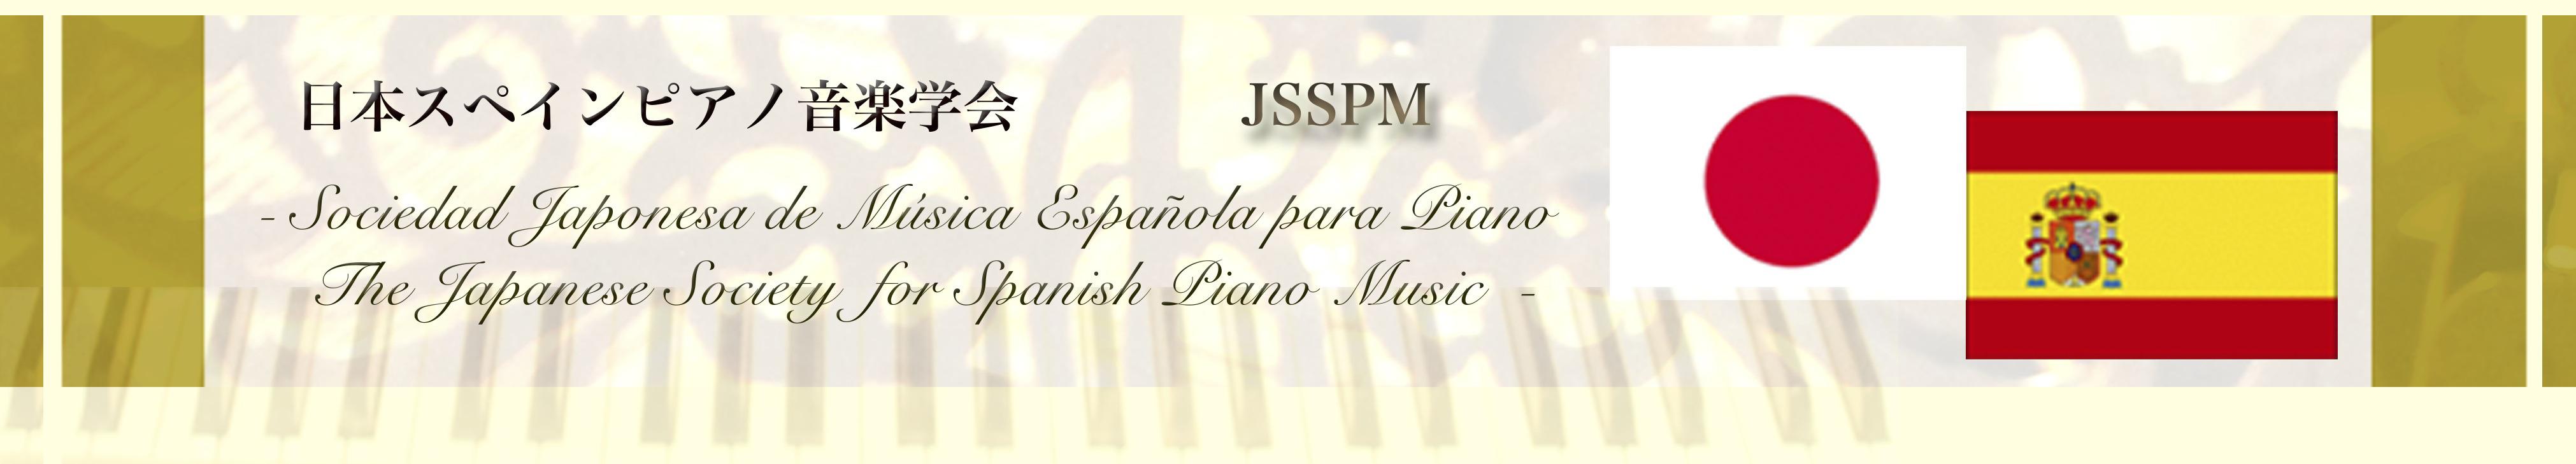 日本スペインピアノ音楽学会